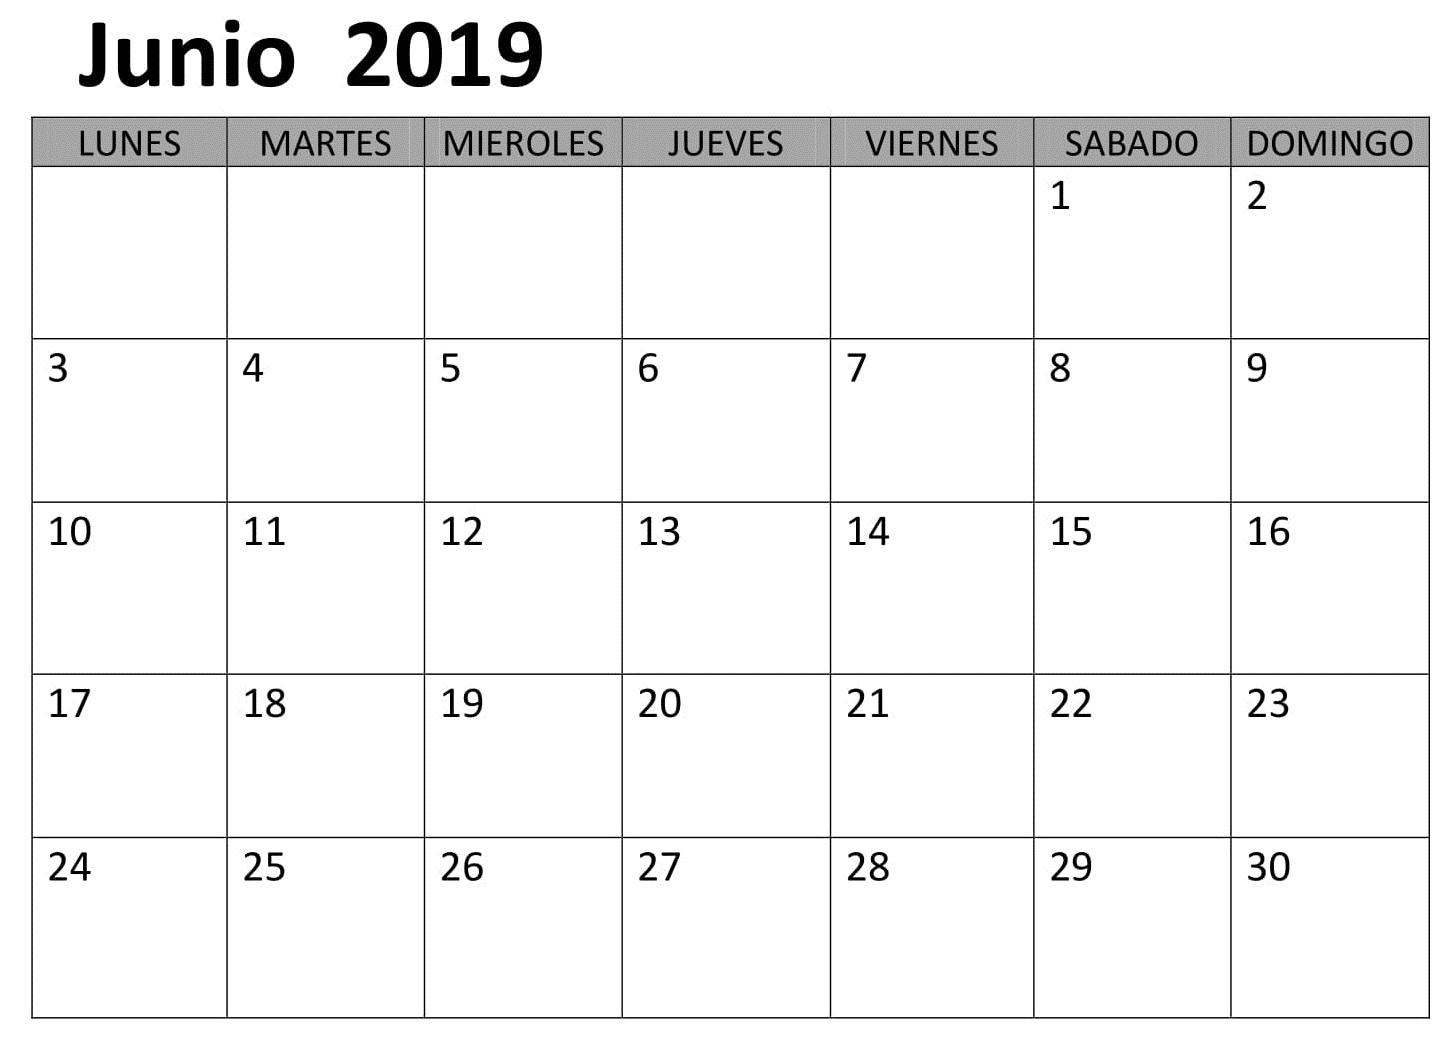 Gratis Calendario Junio 2019